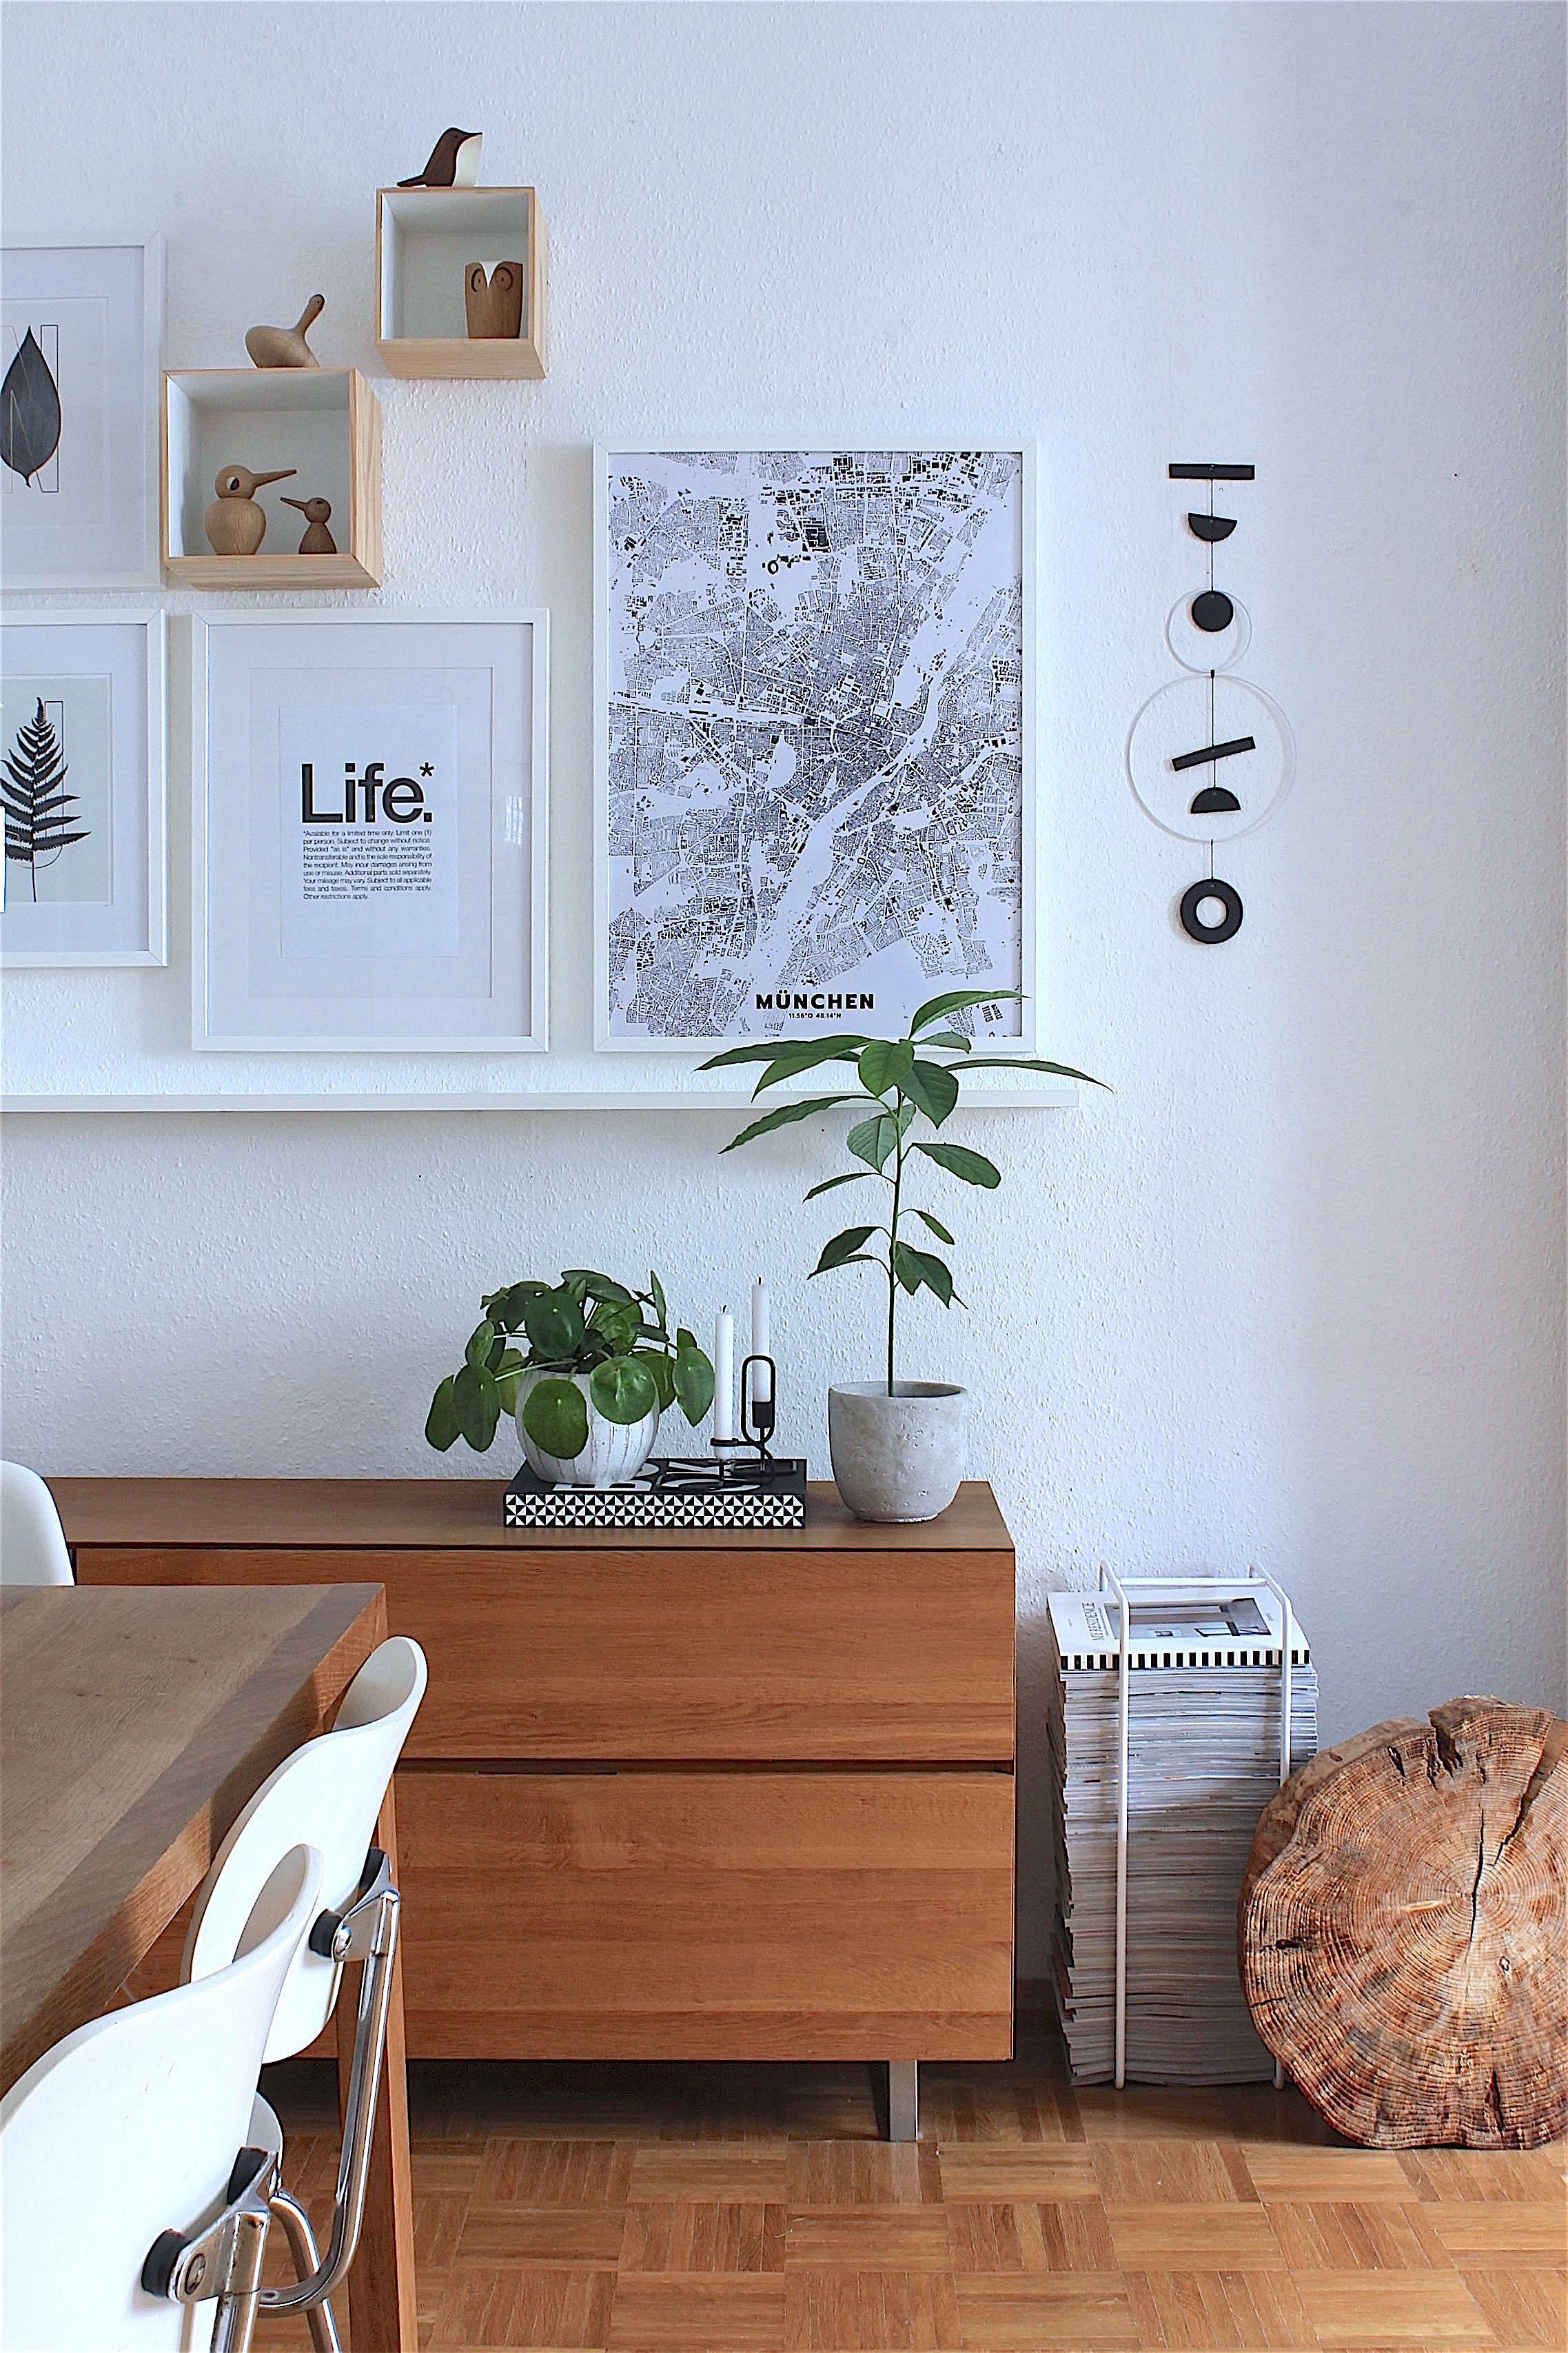 stadtpl ne von cartida f r die wand auch von der kleinsten stadt m glich wohnzimmer i. Black Bedroom Furniture Sets. Home Design Ideas